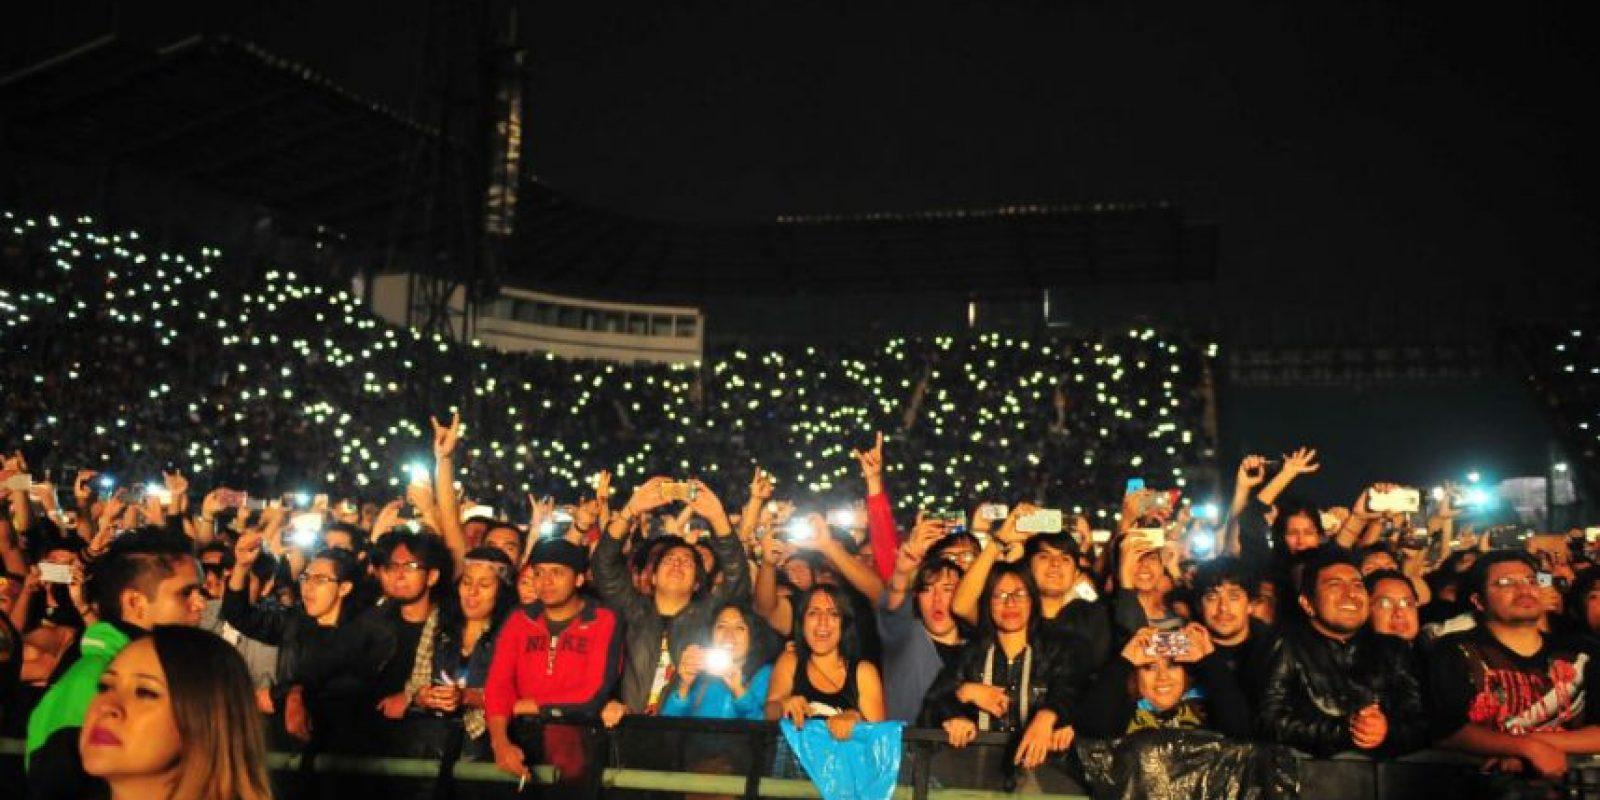 Miles de fanáticos recibieron con alegría el reencuentro. Foto:Arturo Quintero / JDS